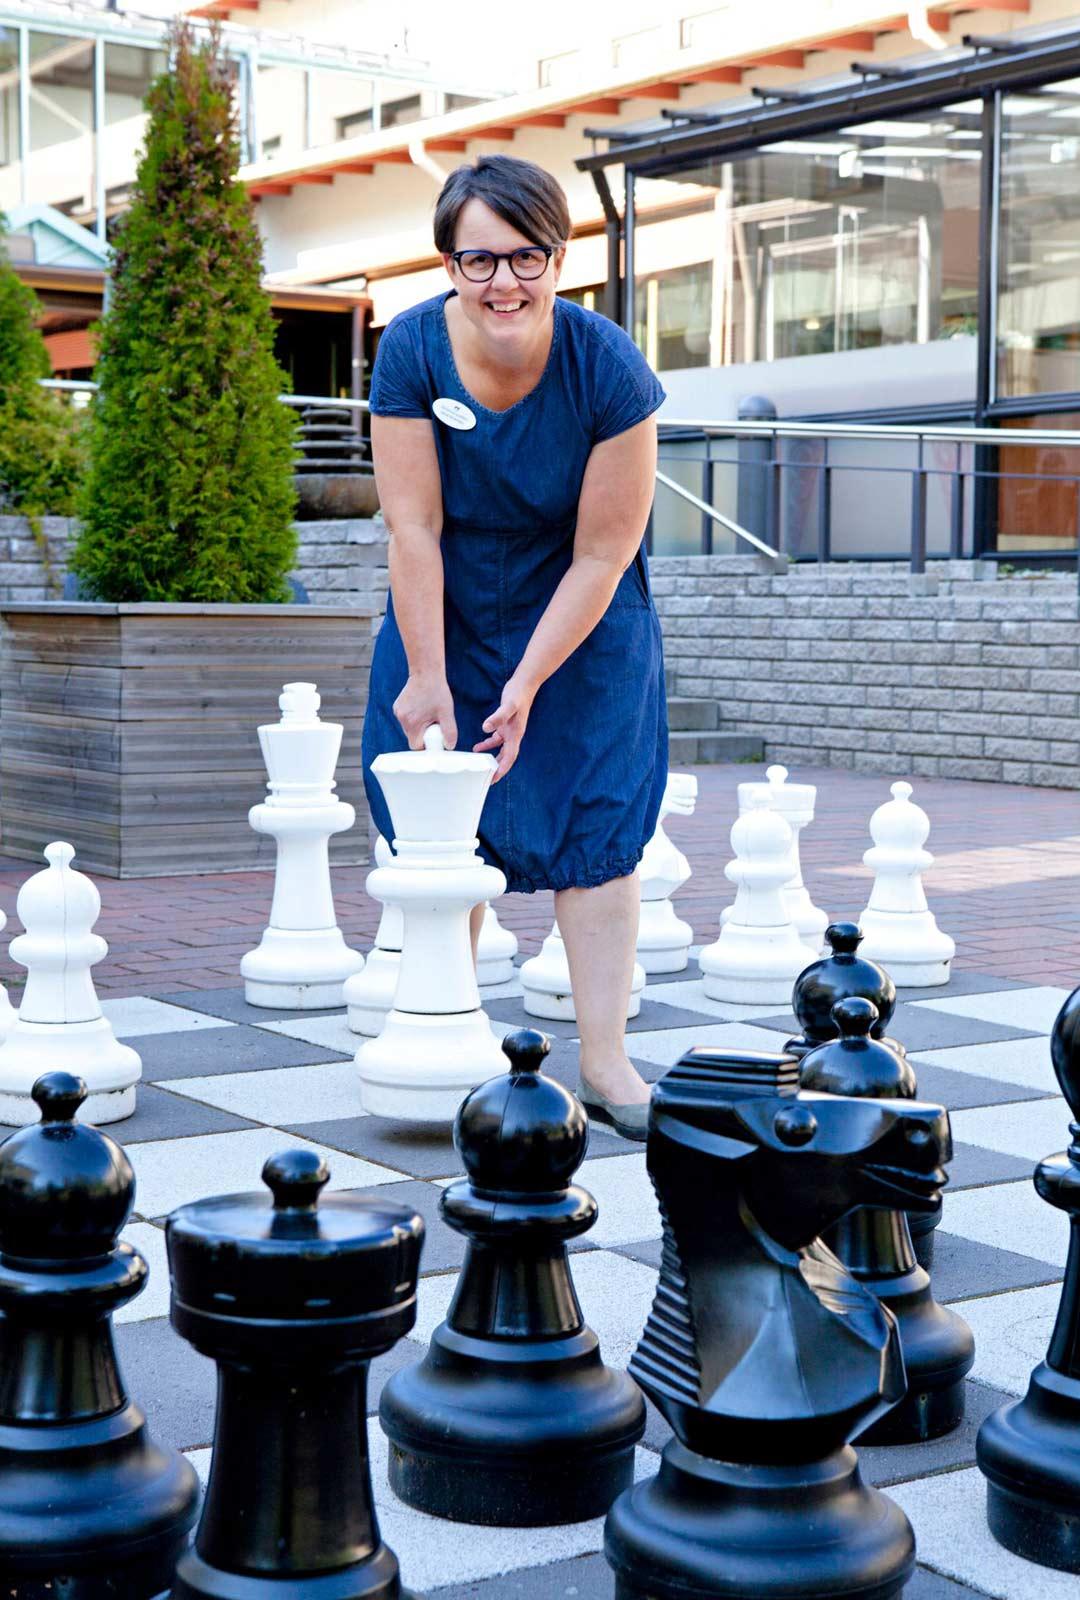 Markkinointipäällikkö Nina Rinkinen on onnellinen saadessaan työskennellä Kruunupuiston miljöössä.